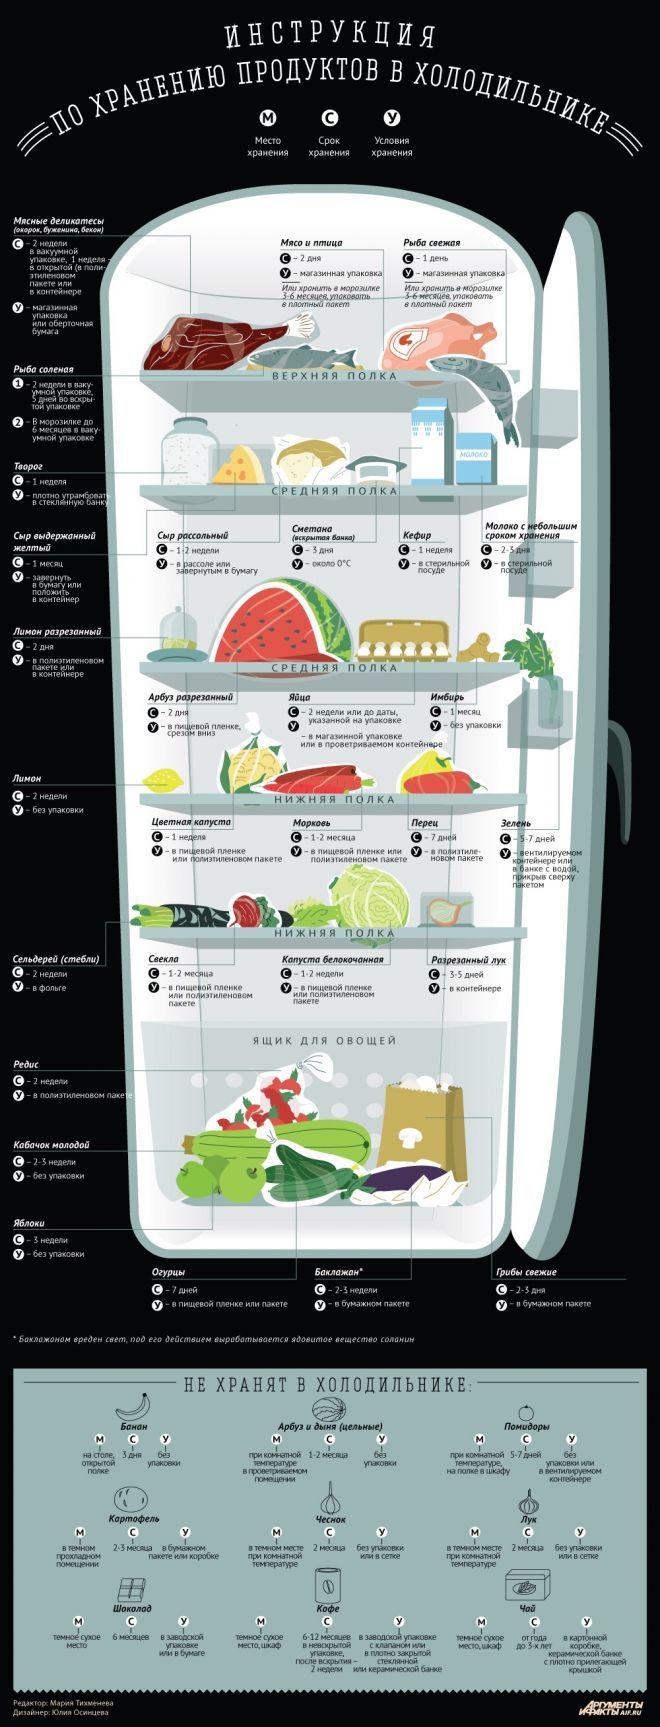 Как хранить продукты в холодильнике. Инфографика | Бытовая техника | Кухня…